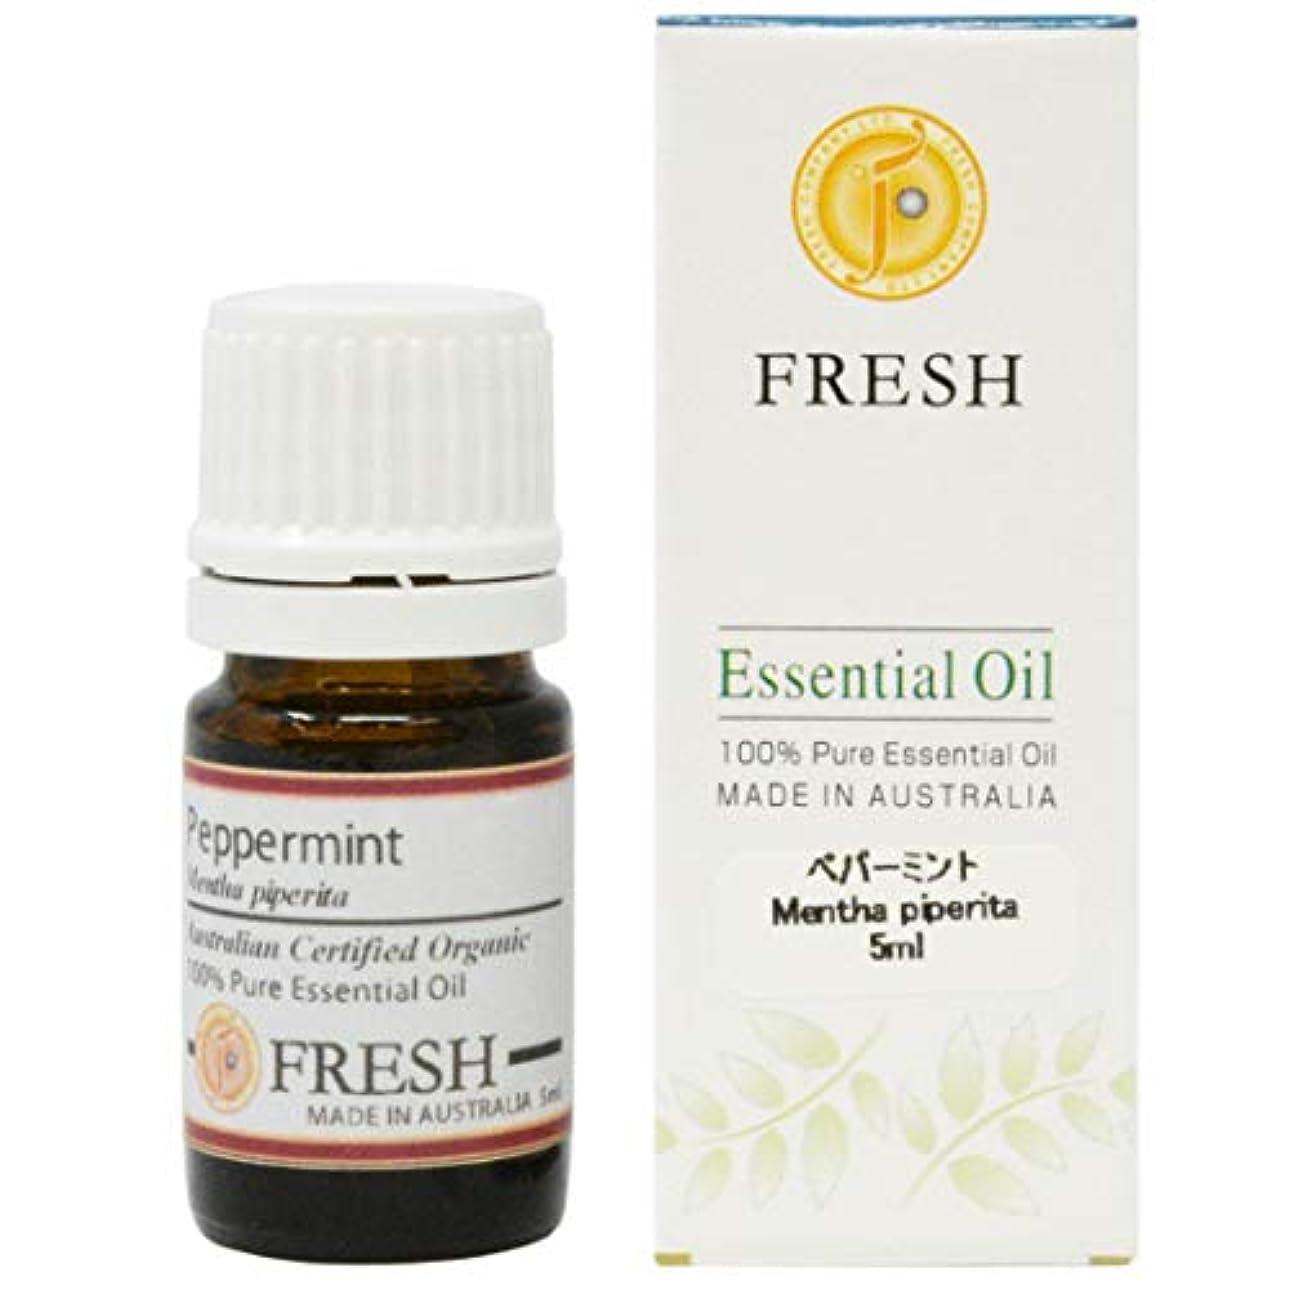 涙が出るインチ急流FRESH オーガニック エッセンシャルオイル ペパーミント 5ml (FRESH 精油)